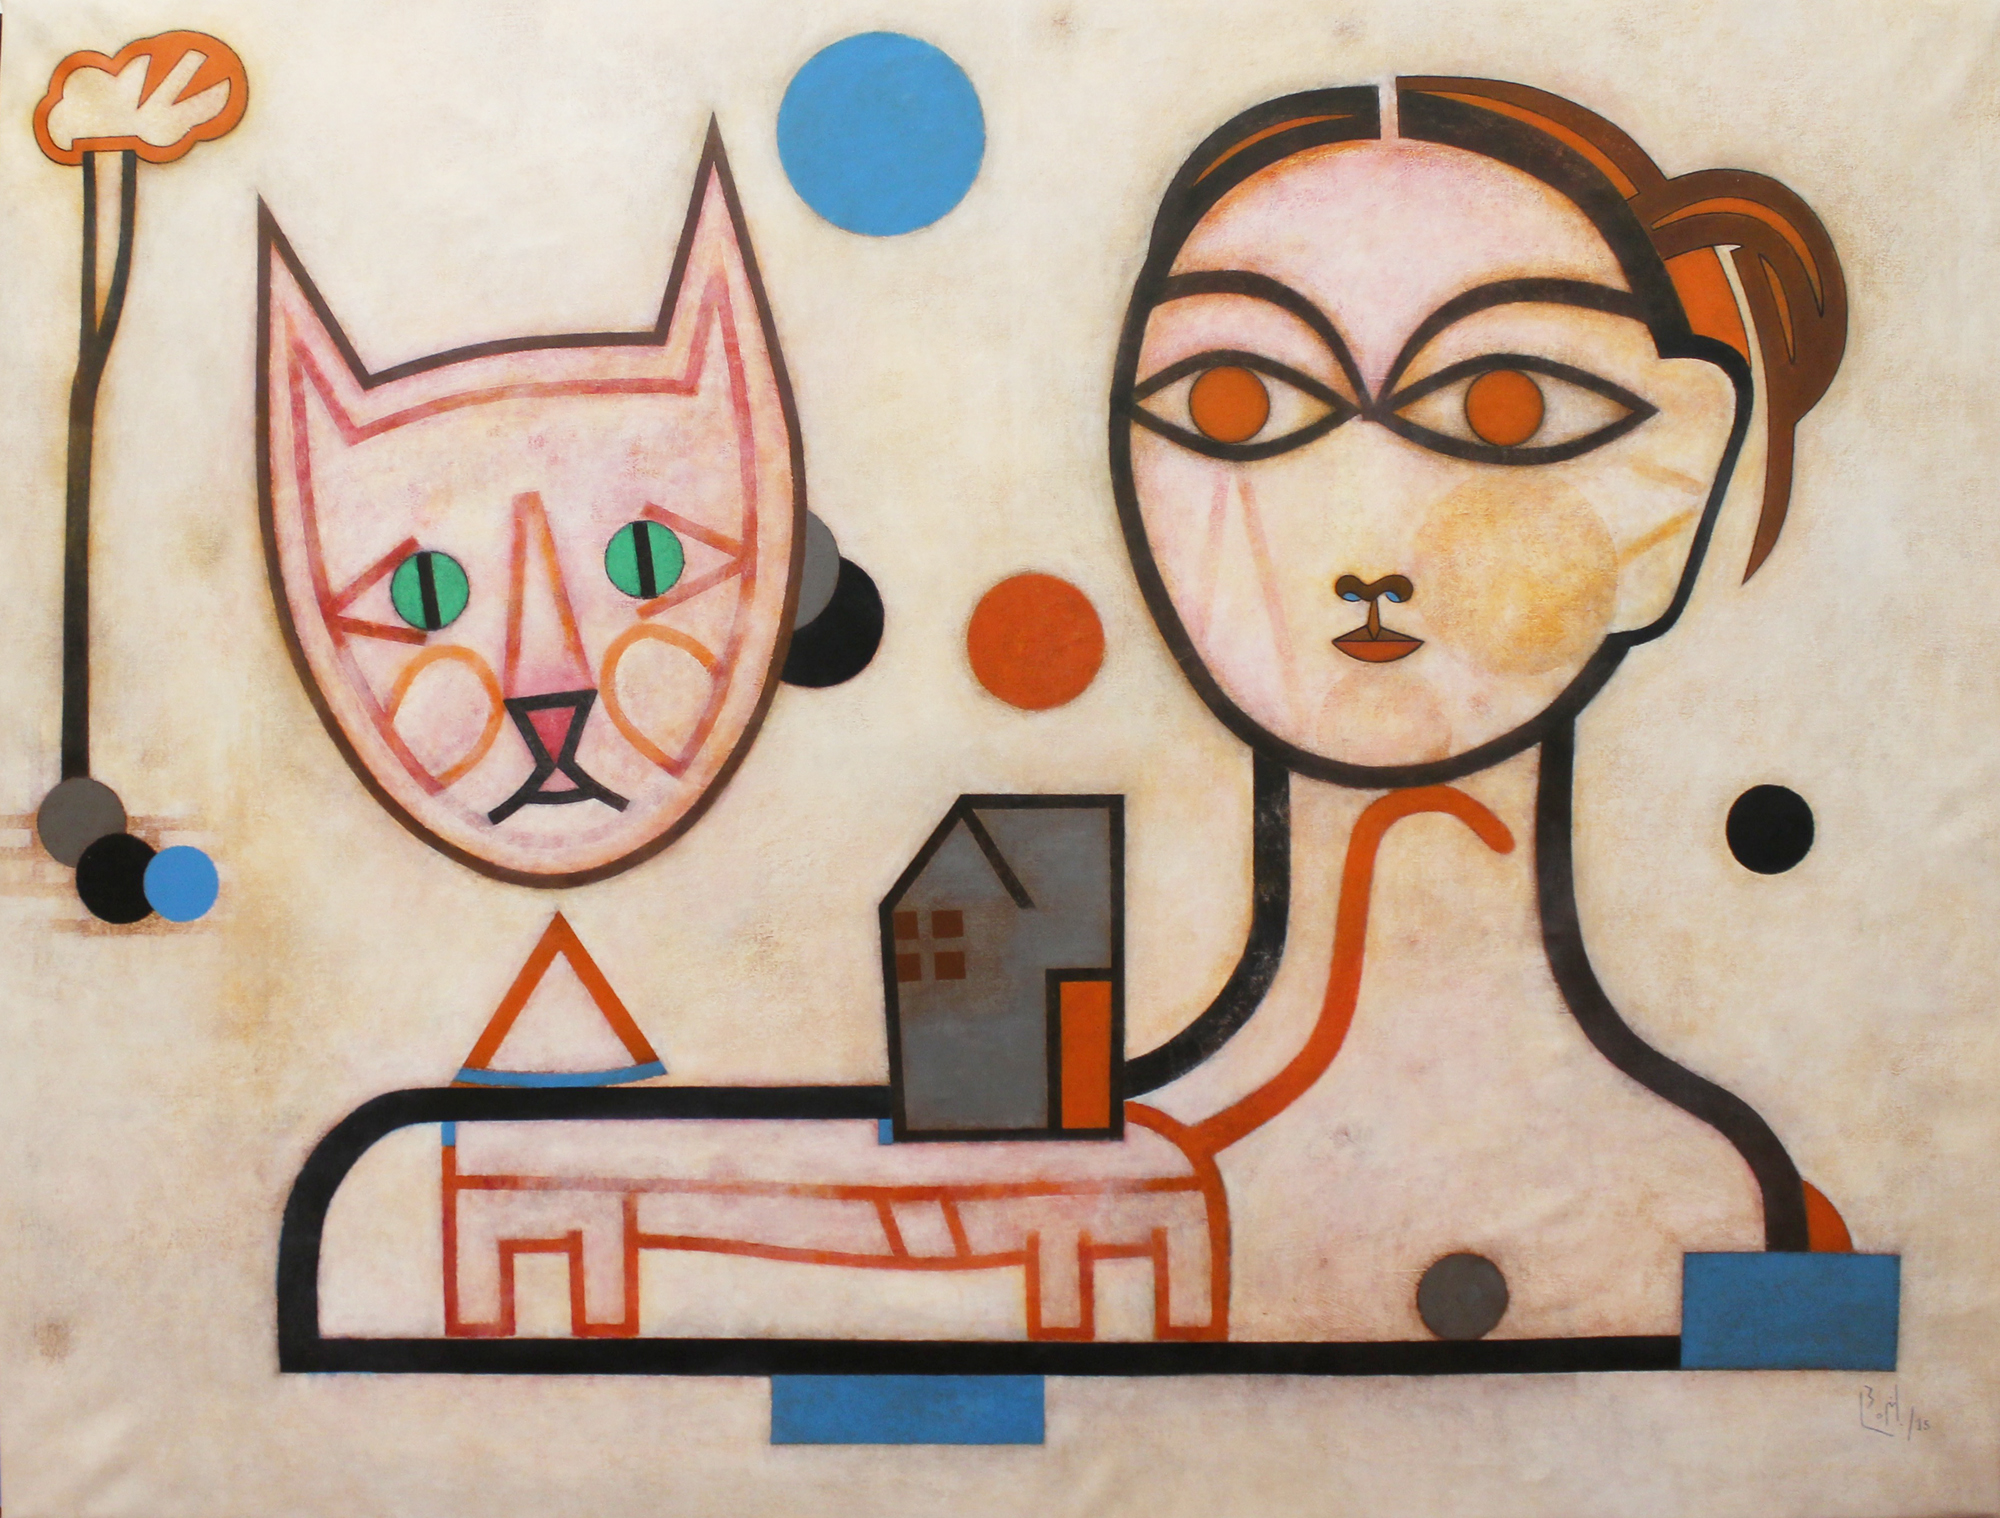 El Gato de Frida